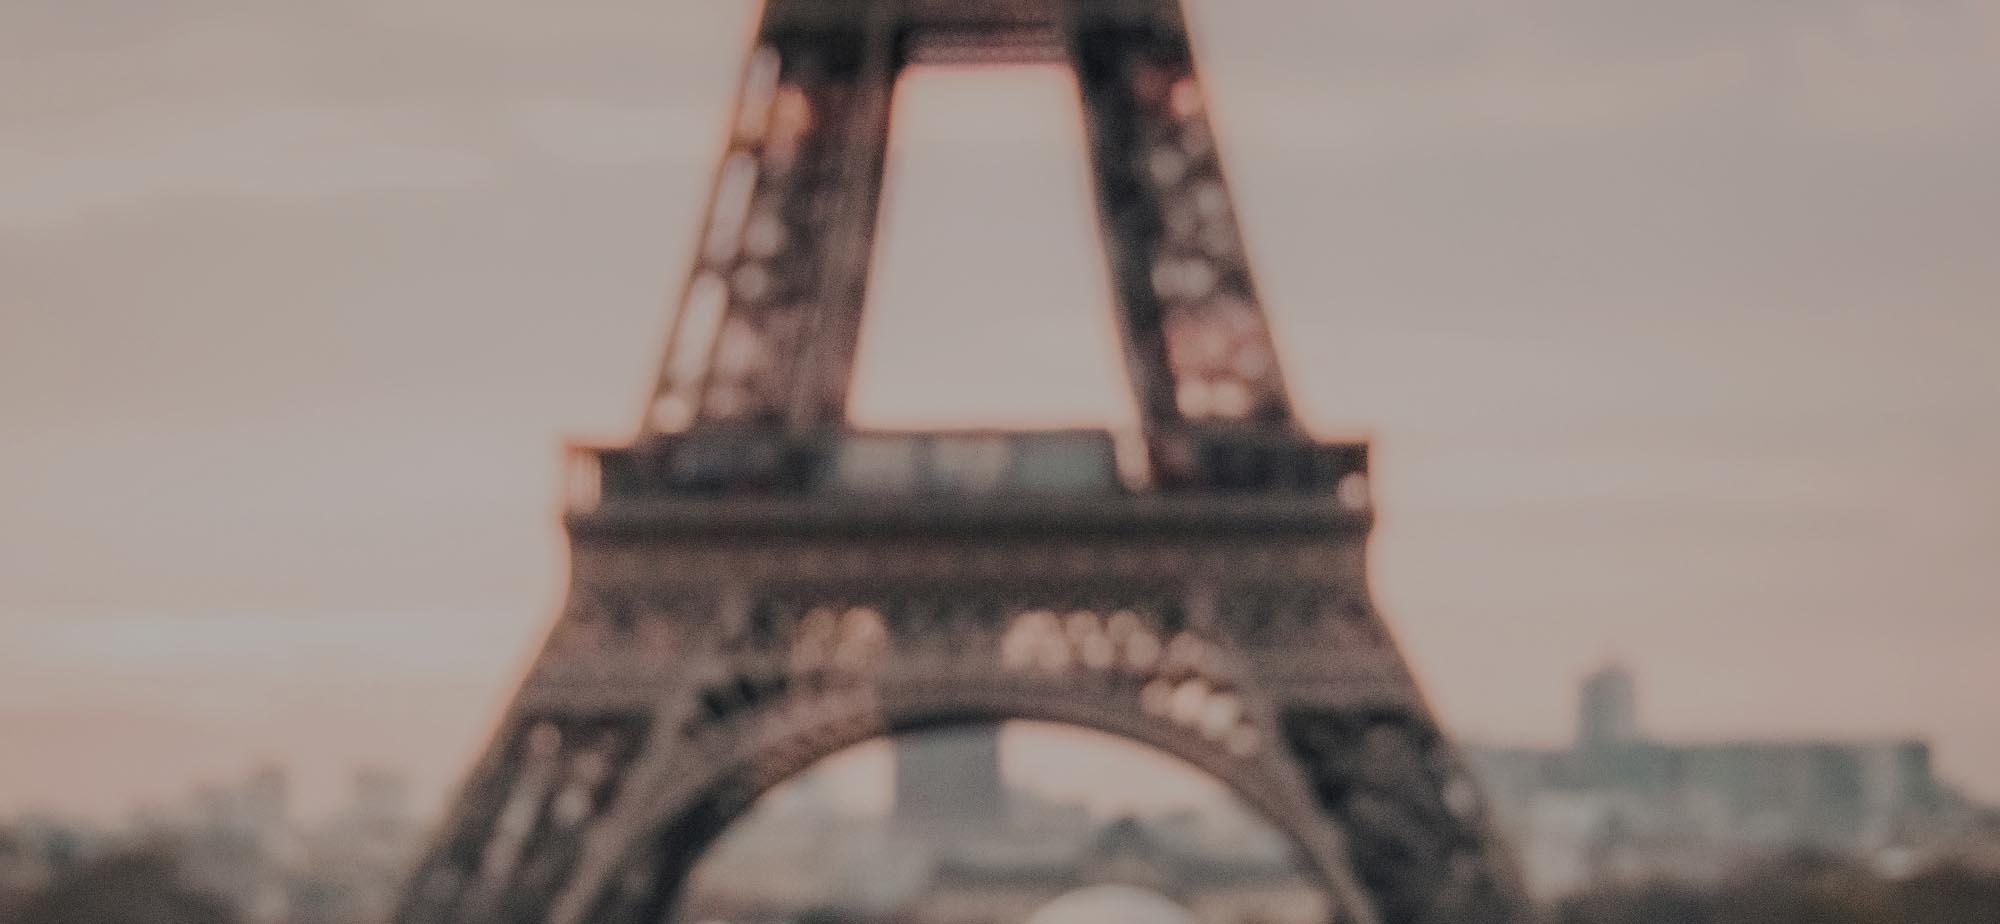 hncs Paris